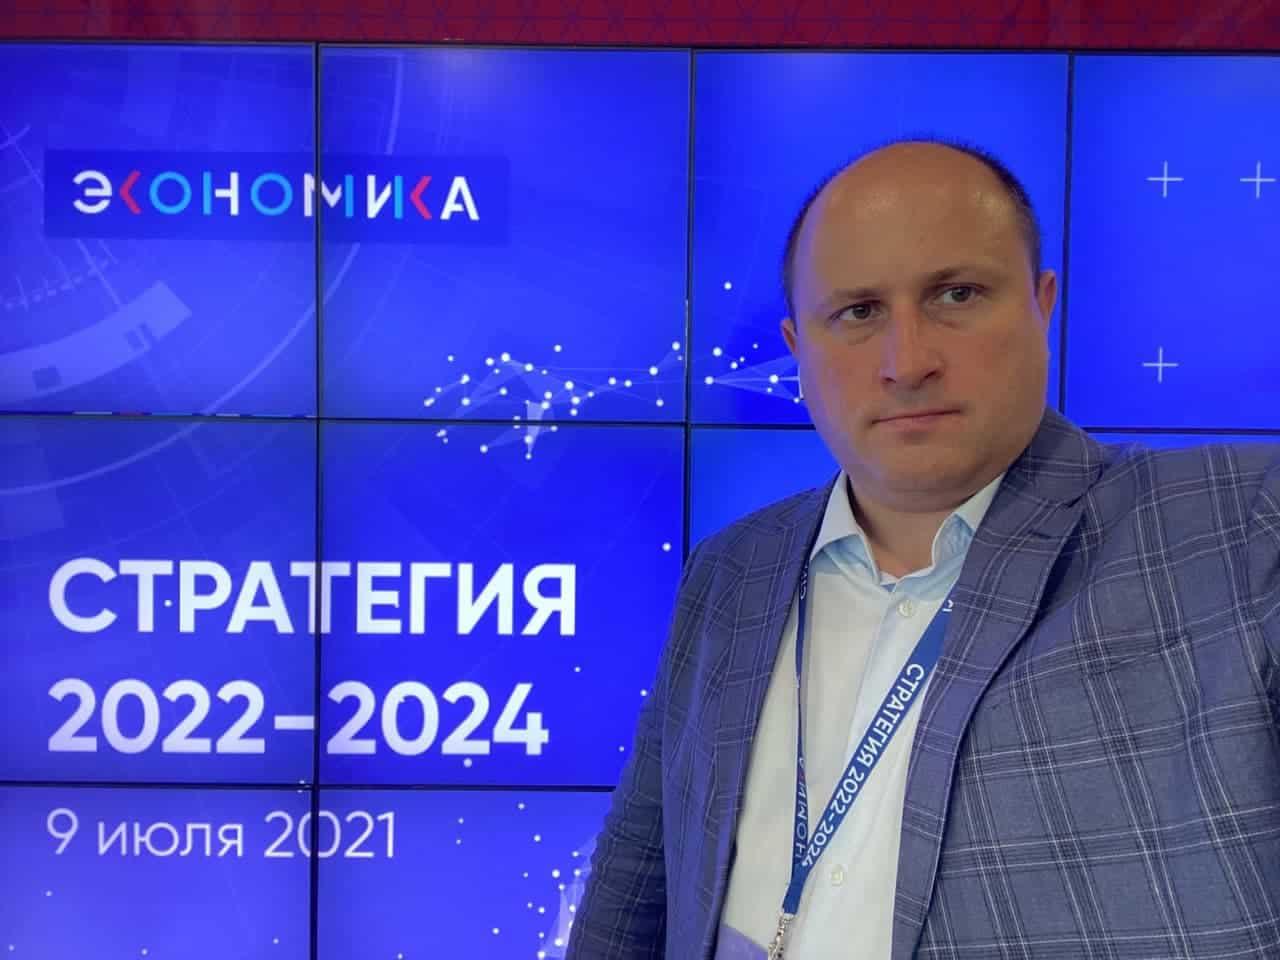 9 июля в технопарке «Сколково» состоялось мероприятие, цель которого – определить план работ автономной некоммерческой организации «Цифровая экономика» в период с 2022 по 2024 годы. В сессии приняли участие вице-премьер…